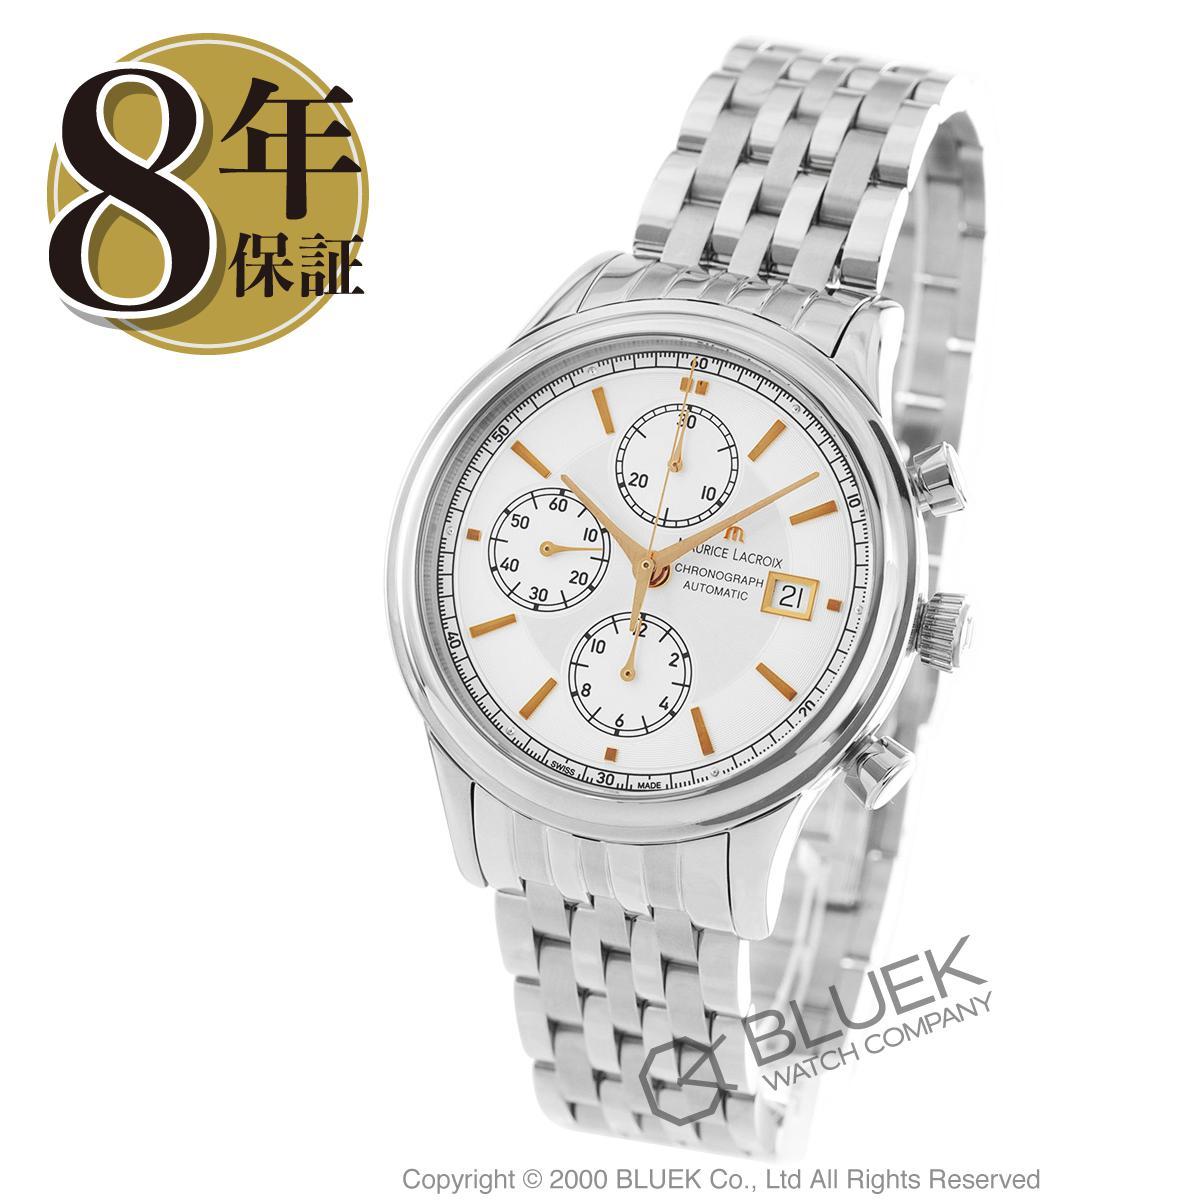 【最大3万円割引クーポン 11/01~】モーリス・ラクロア レ・クラシック クロノグラフ 腕時計 メンズ MAURICE LACROIX LC6158-SS002-130_8